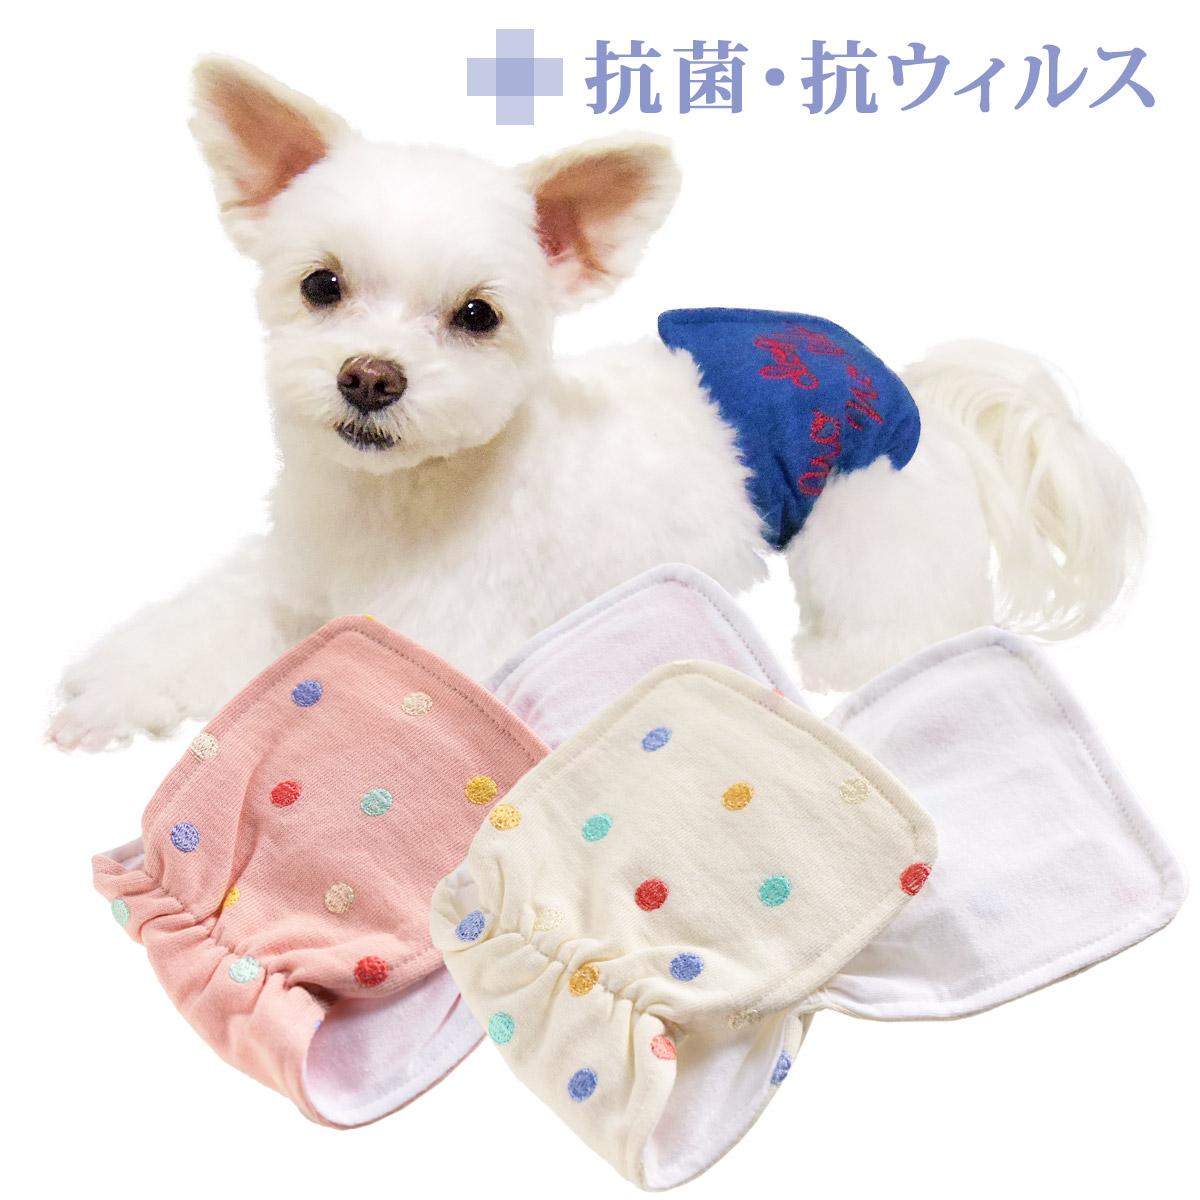 犬と生活 腹巻きクレンゼ|抗菌・抗ウイルス素材の腹巻き